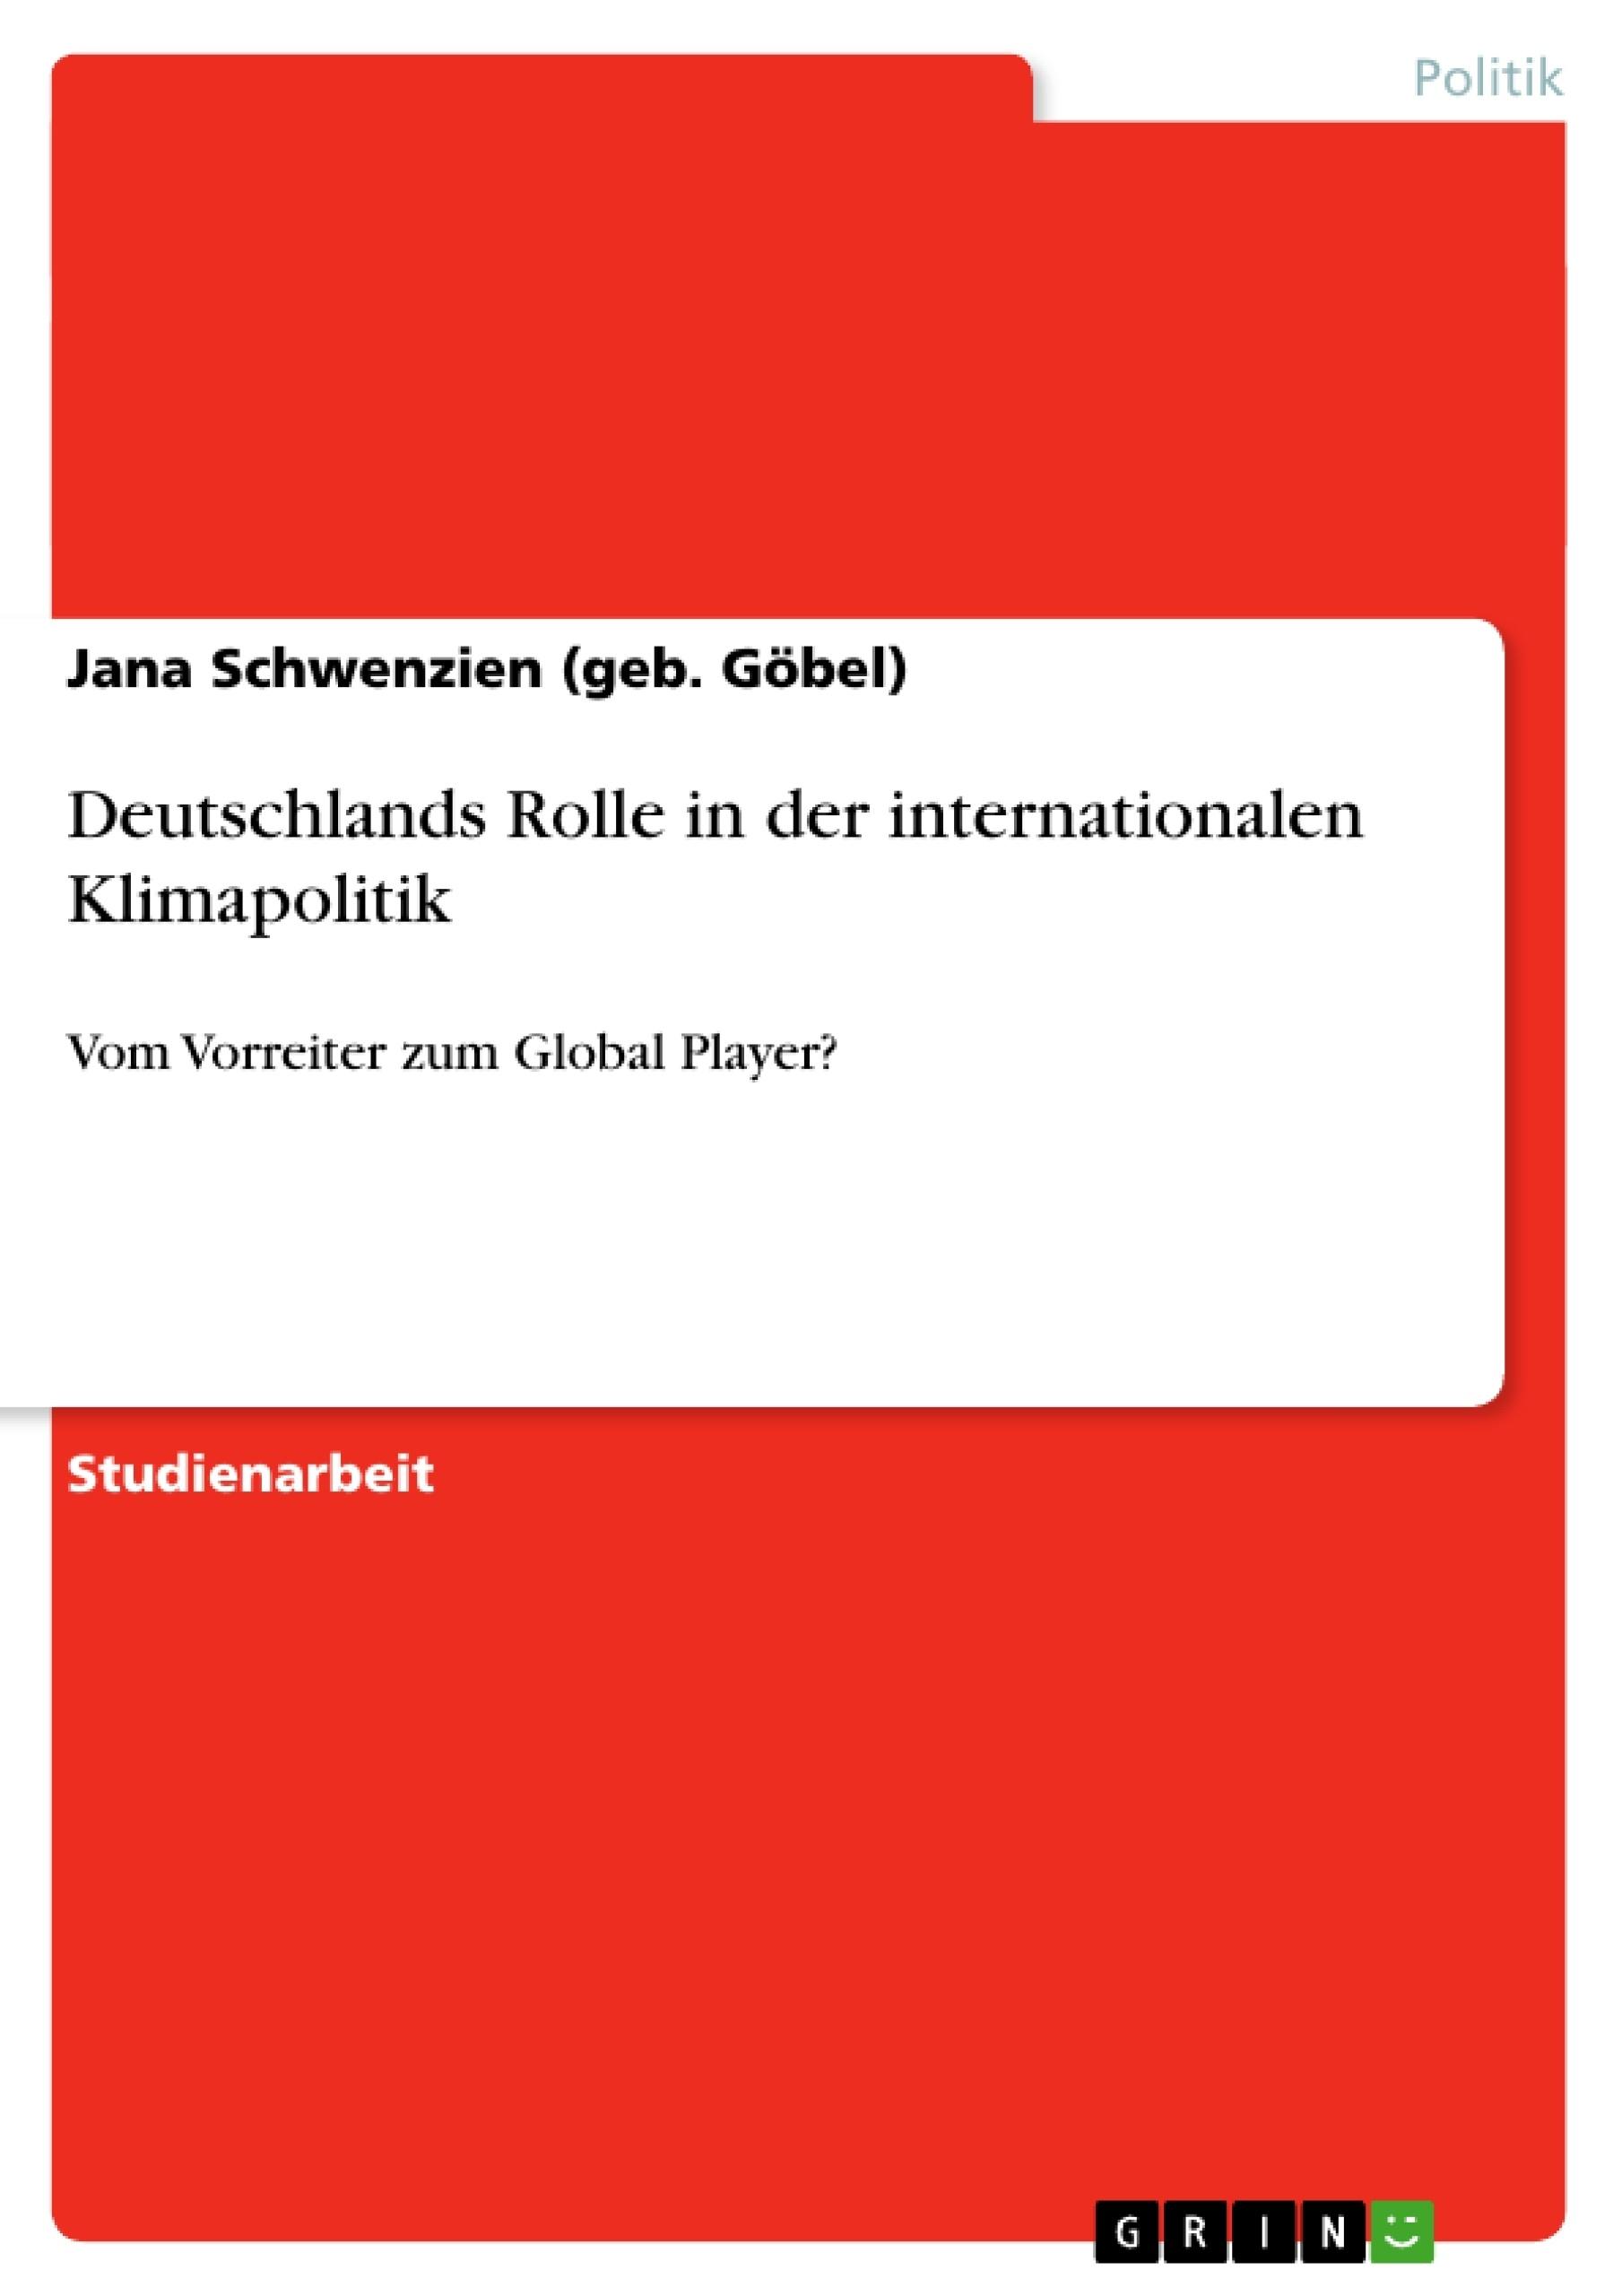 Titel: Deutschlands Rolle in der internationalen Klimapolitik